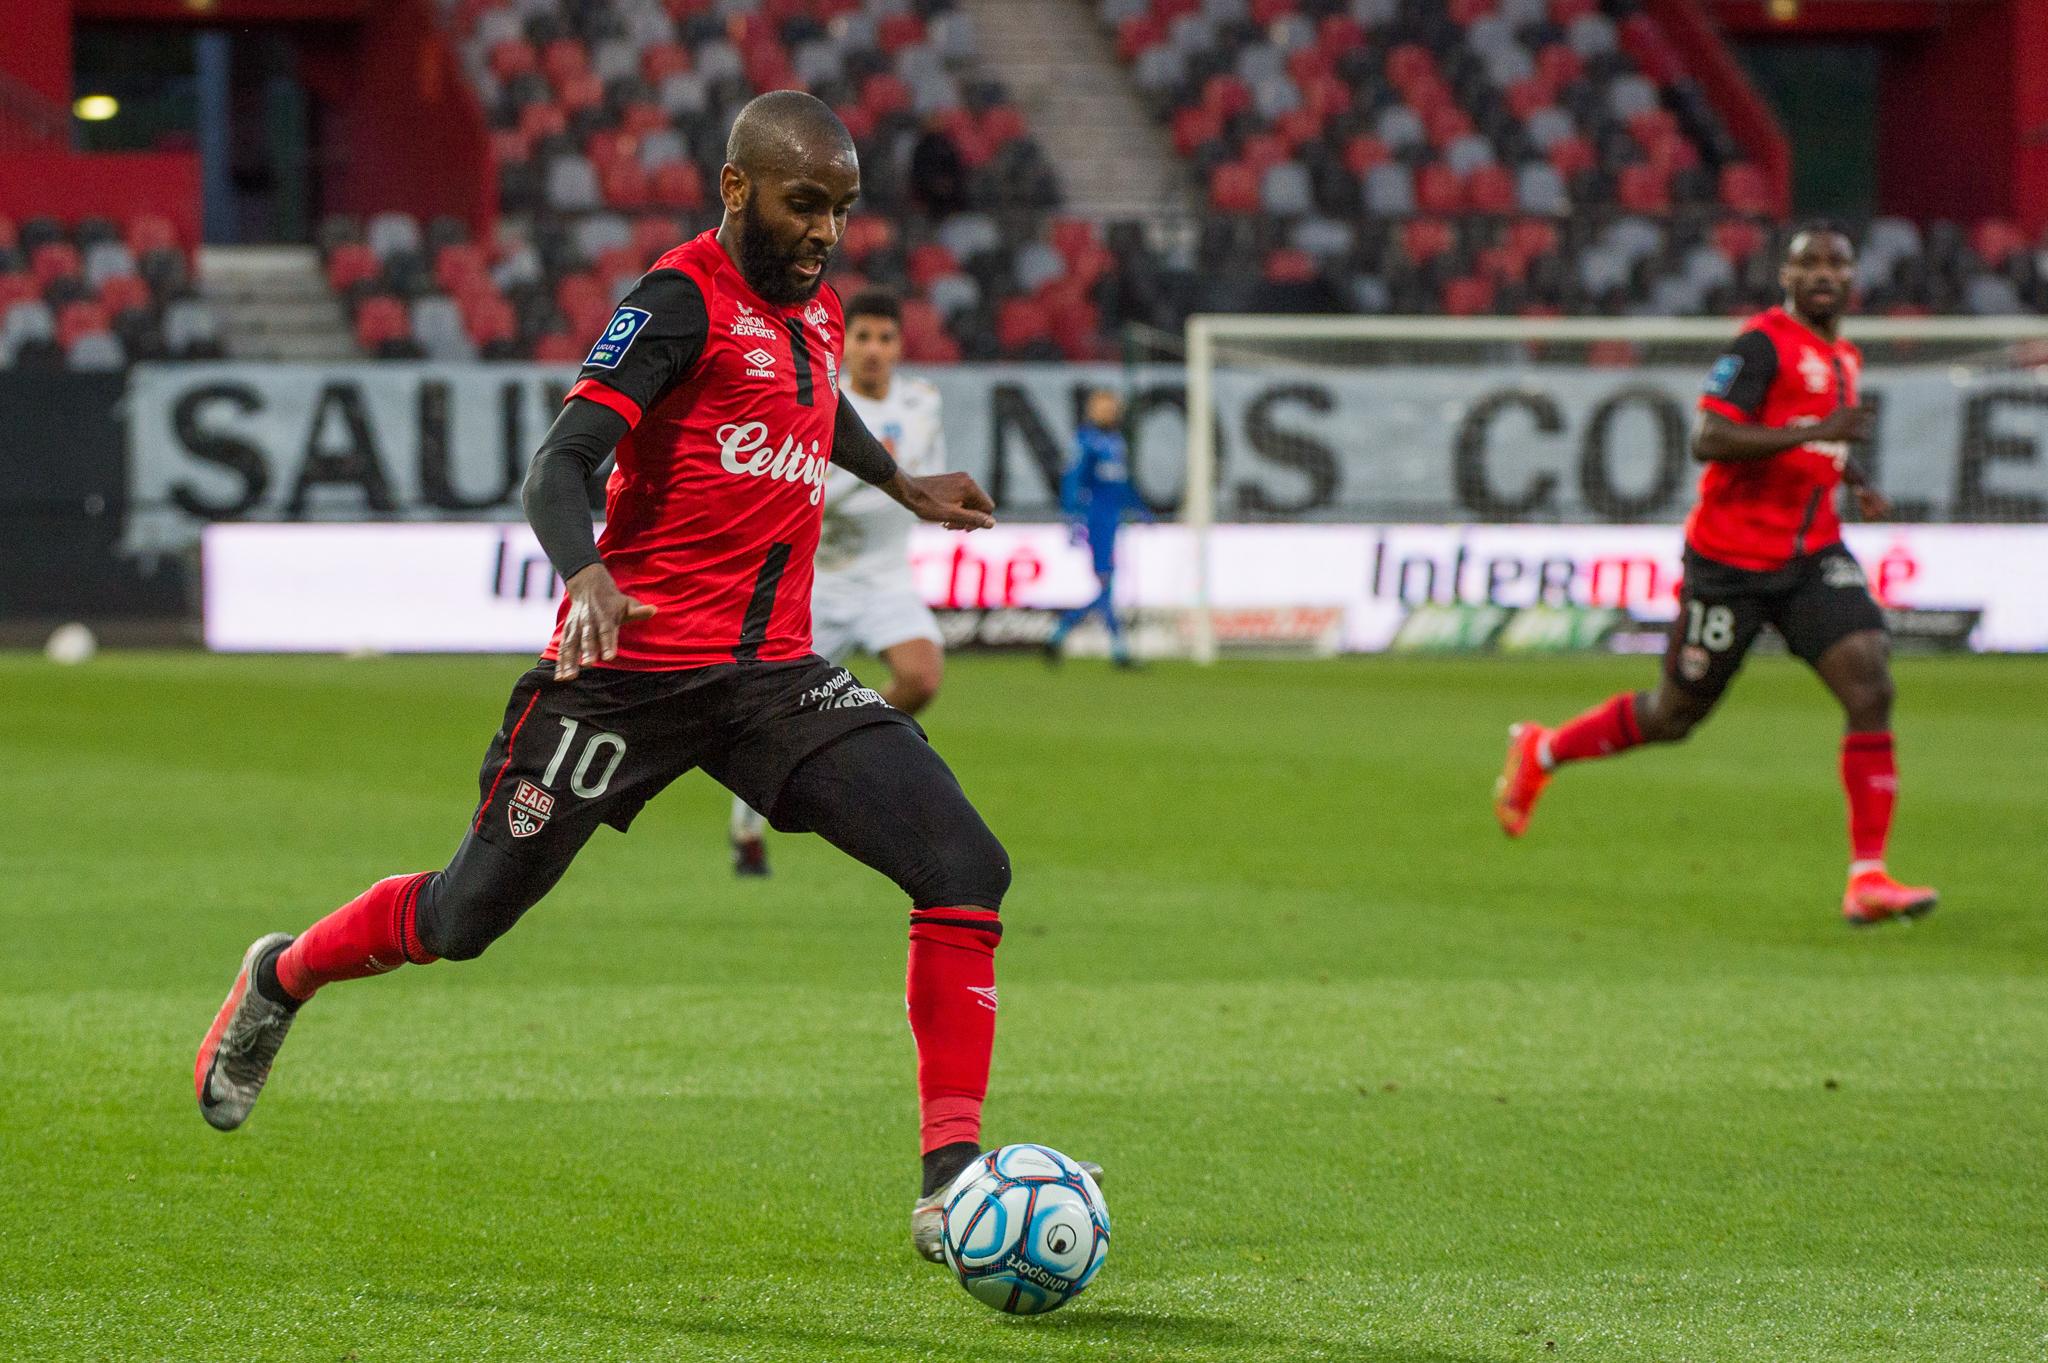 EA Guingamp La Berrichonne Châteauroux J37 Ligue 2 BKT EAGLBC 2-0 Stade de Roudourou FRA_5823